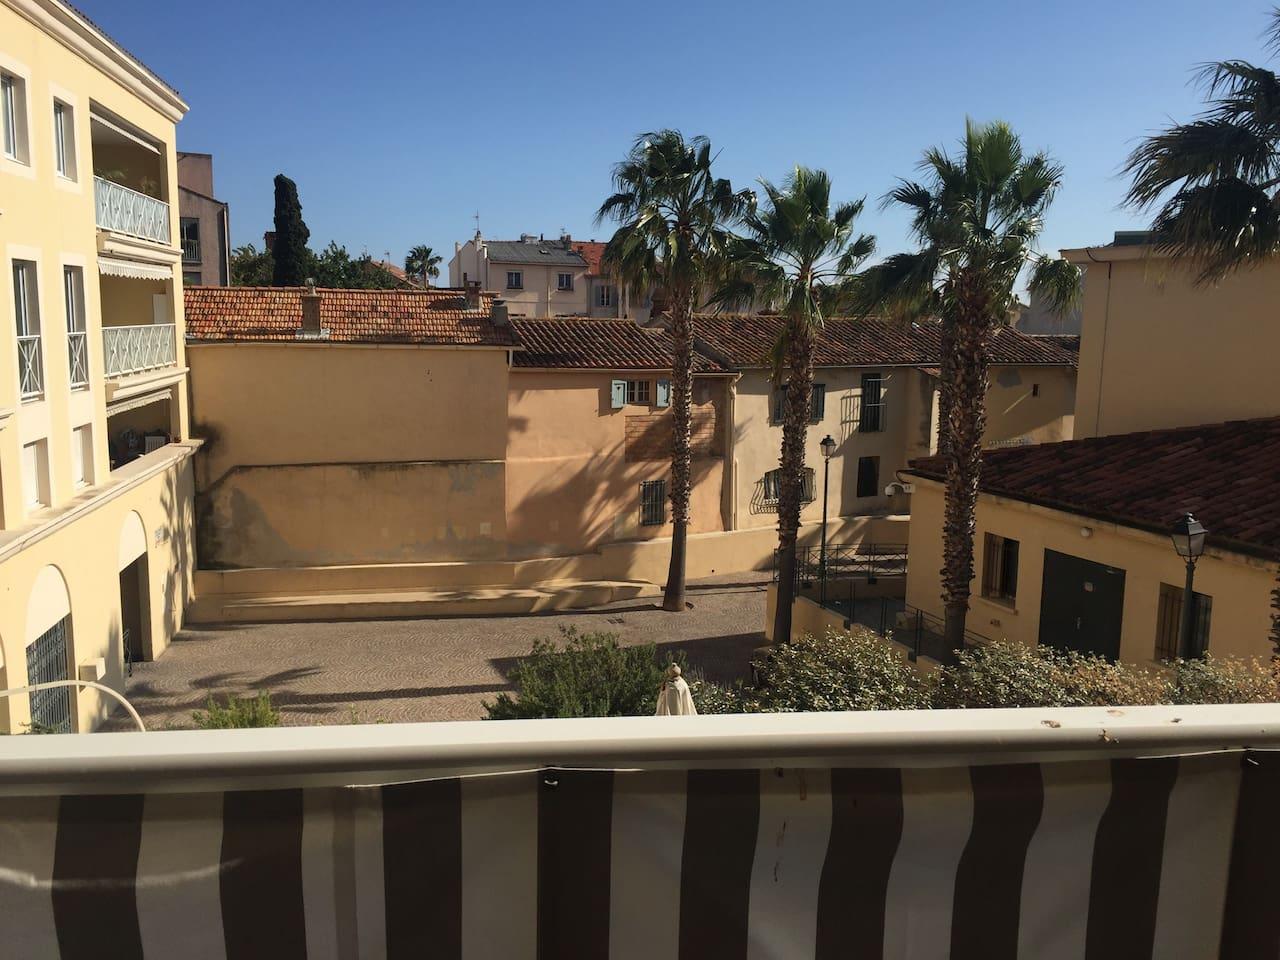 Vue de la terrasse, cour calme et ensoleillée.